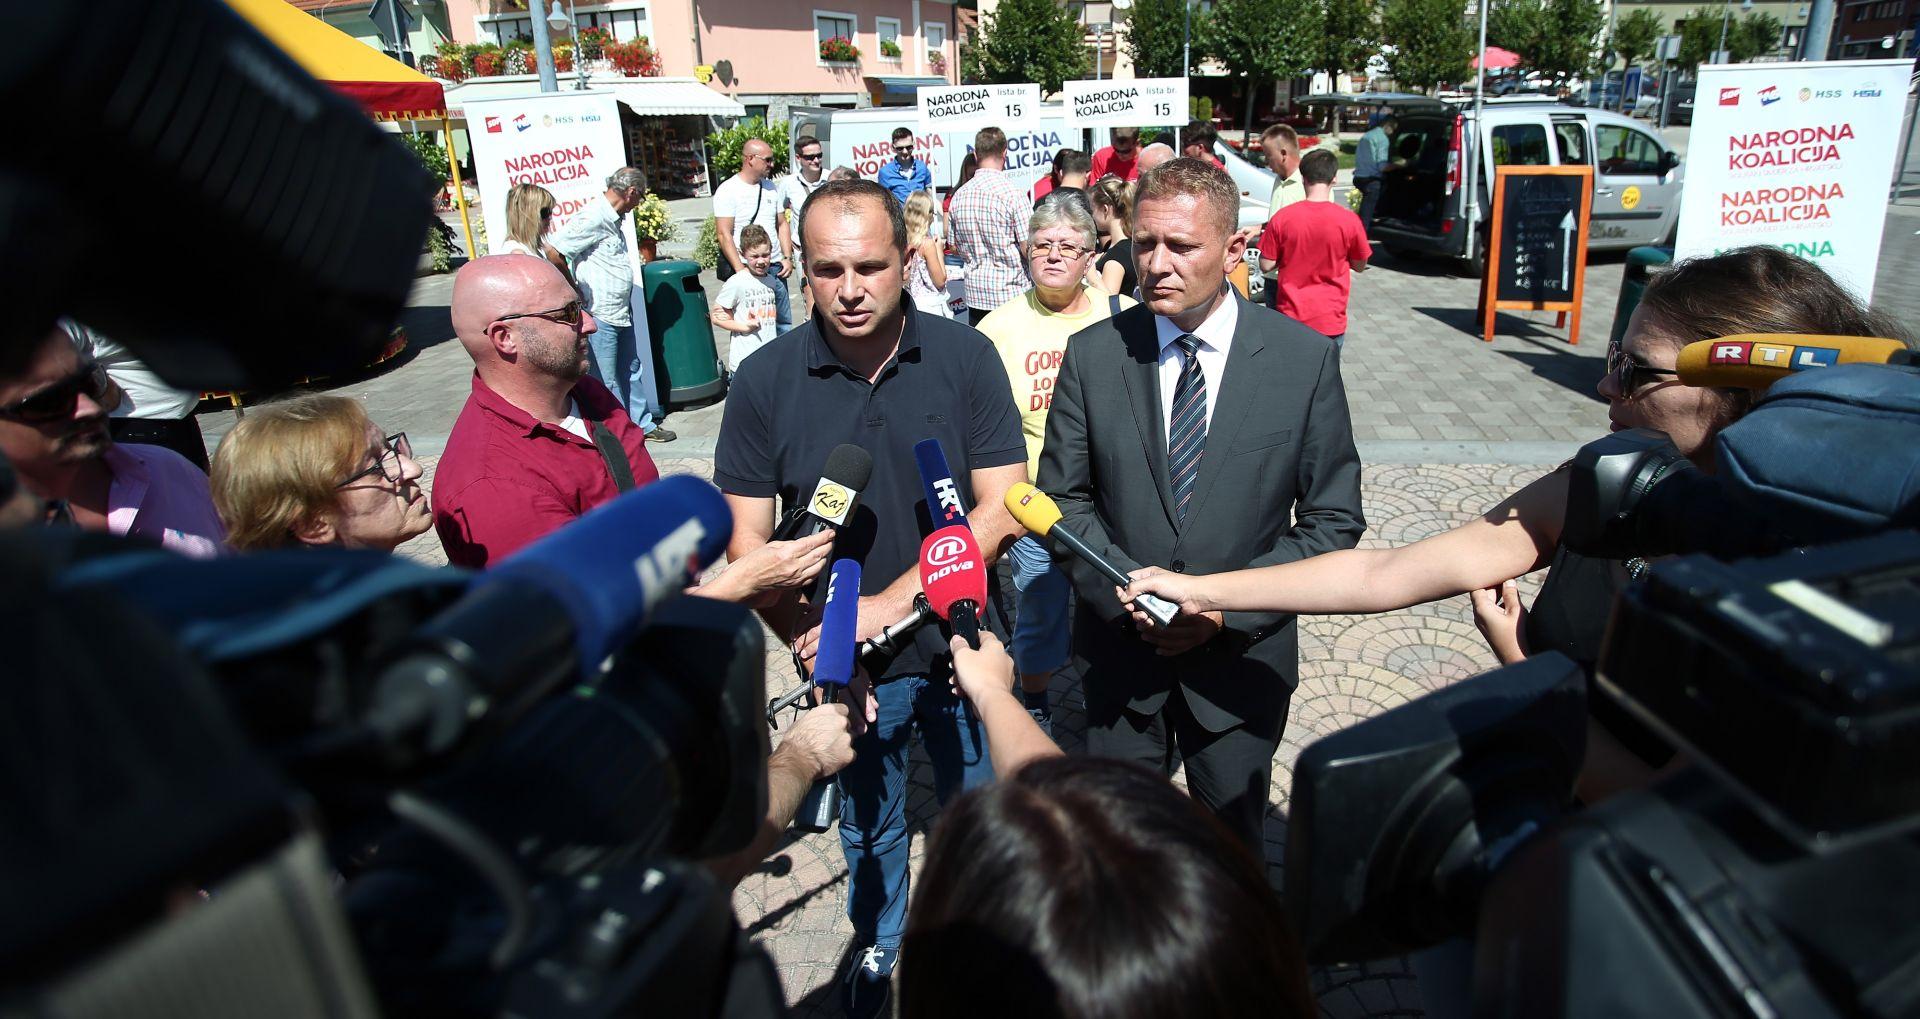 """Beljak: """"Kome bi se Milanović trebao ispričati? Rekao je ono što misli 90% ljudi"""""""